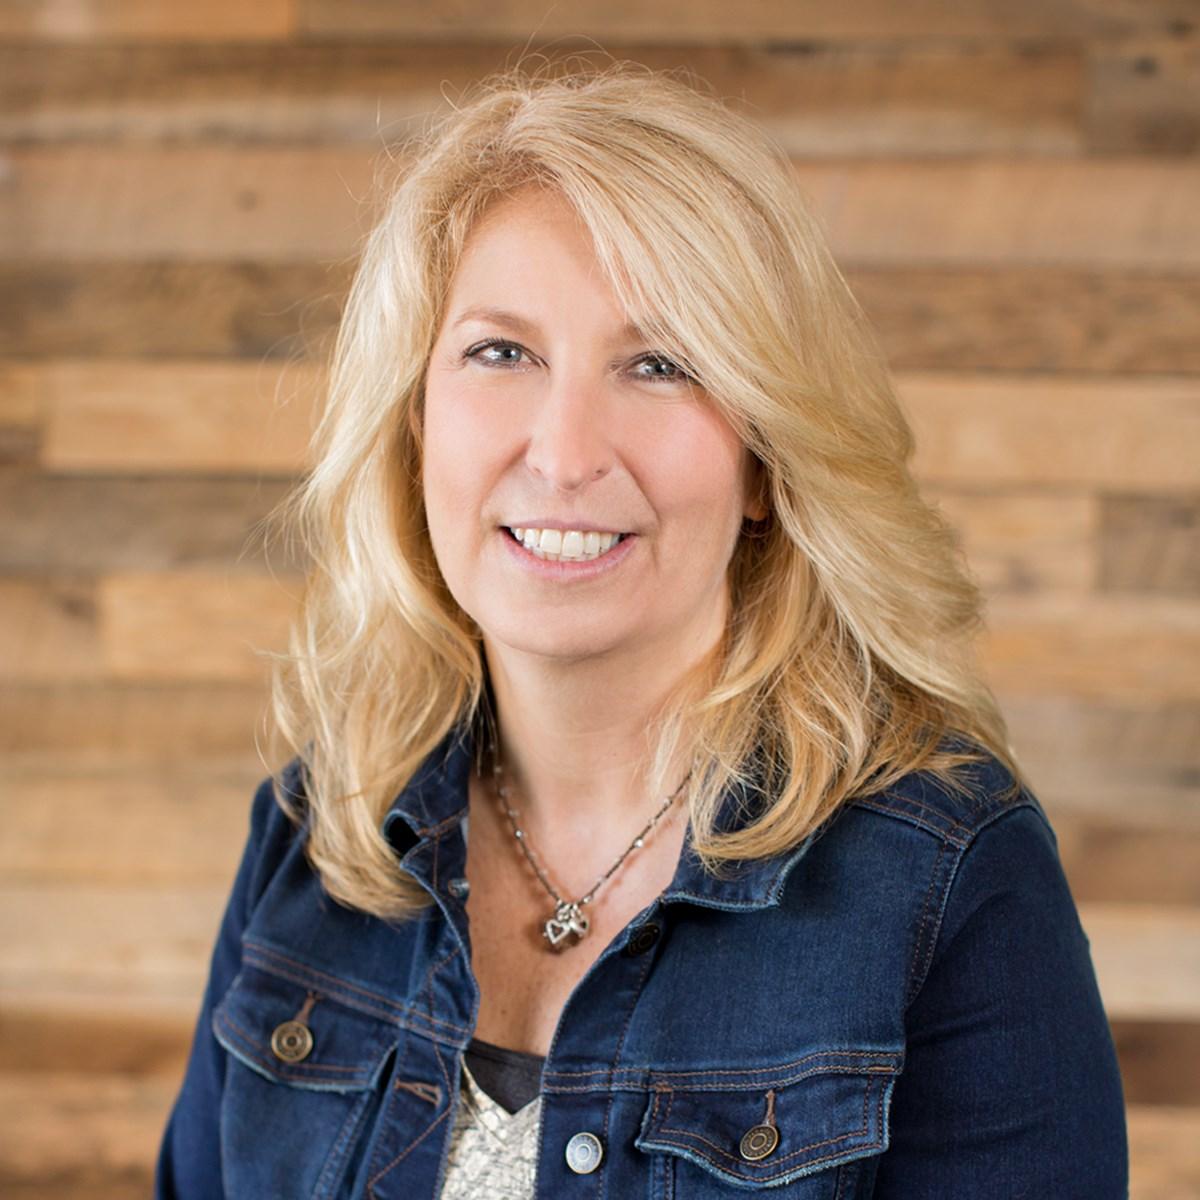 Nicole Schwartz